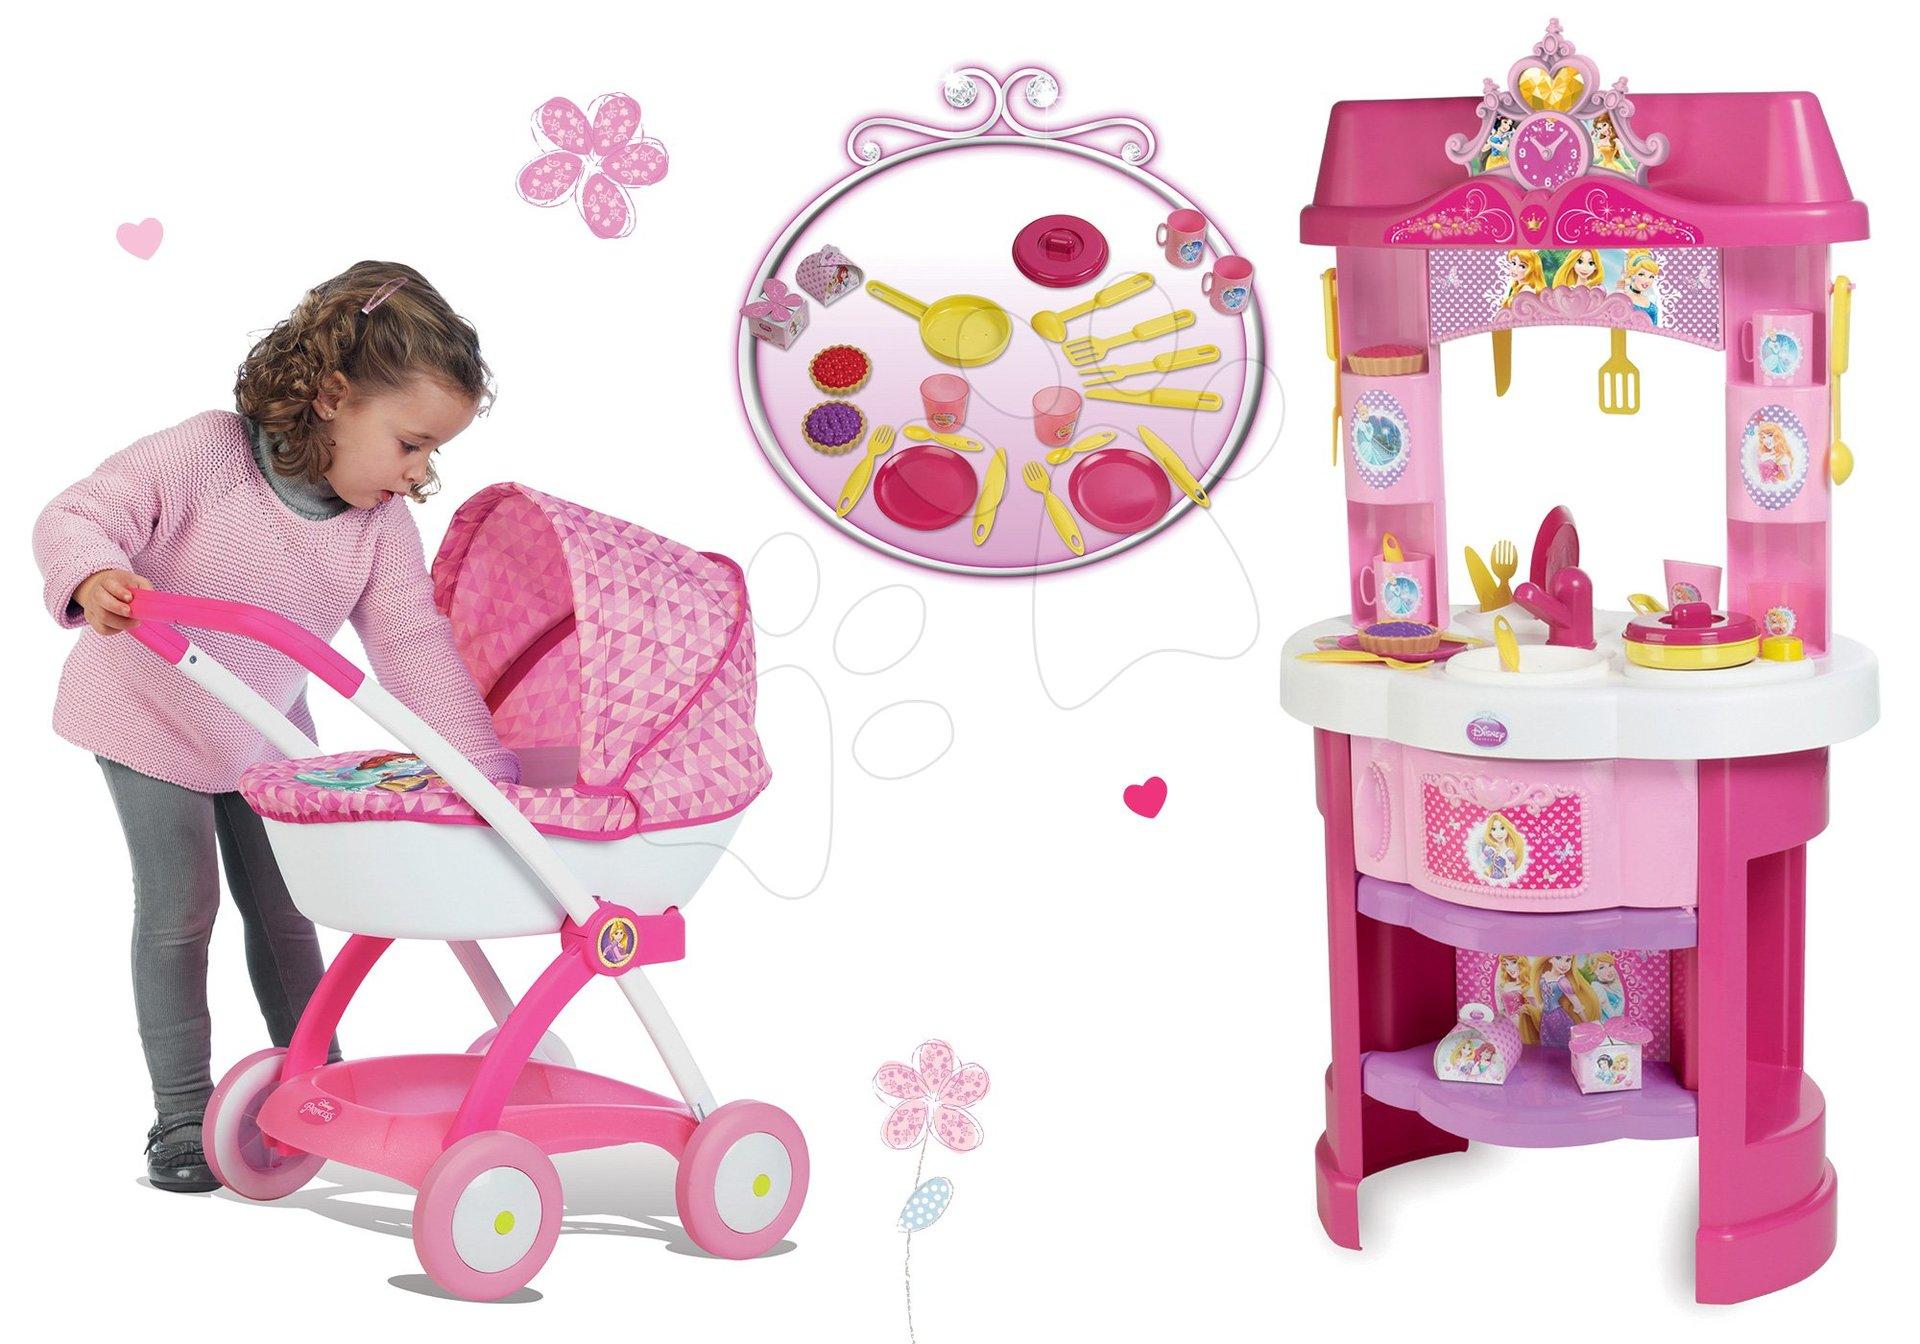 Kuhinje za djecu setovi - Set kuhinja Disney Princeze Smoby sa satom i ružičasta duboka kolica za lutku